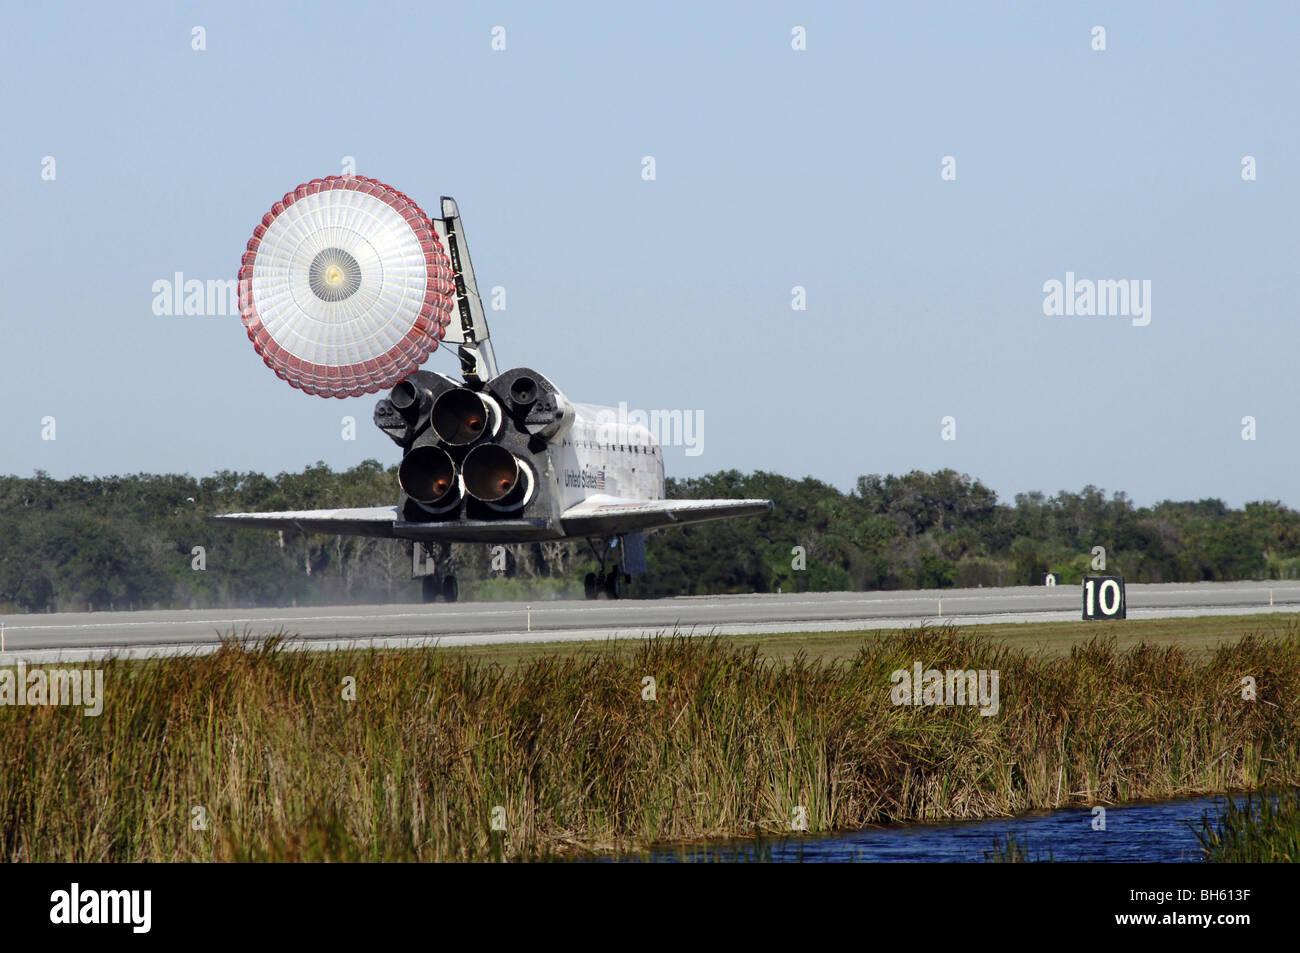 La navette spatiale Atlantis se déploie sa chute glisser lors de l'atterrissage au Centre spatial Kennedy, Photo Stock